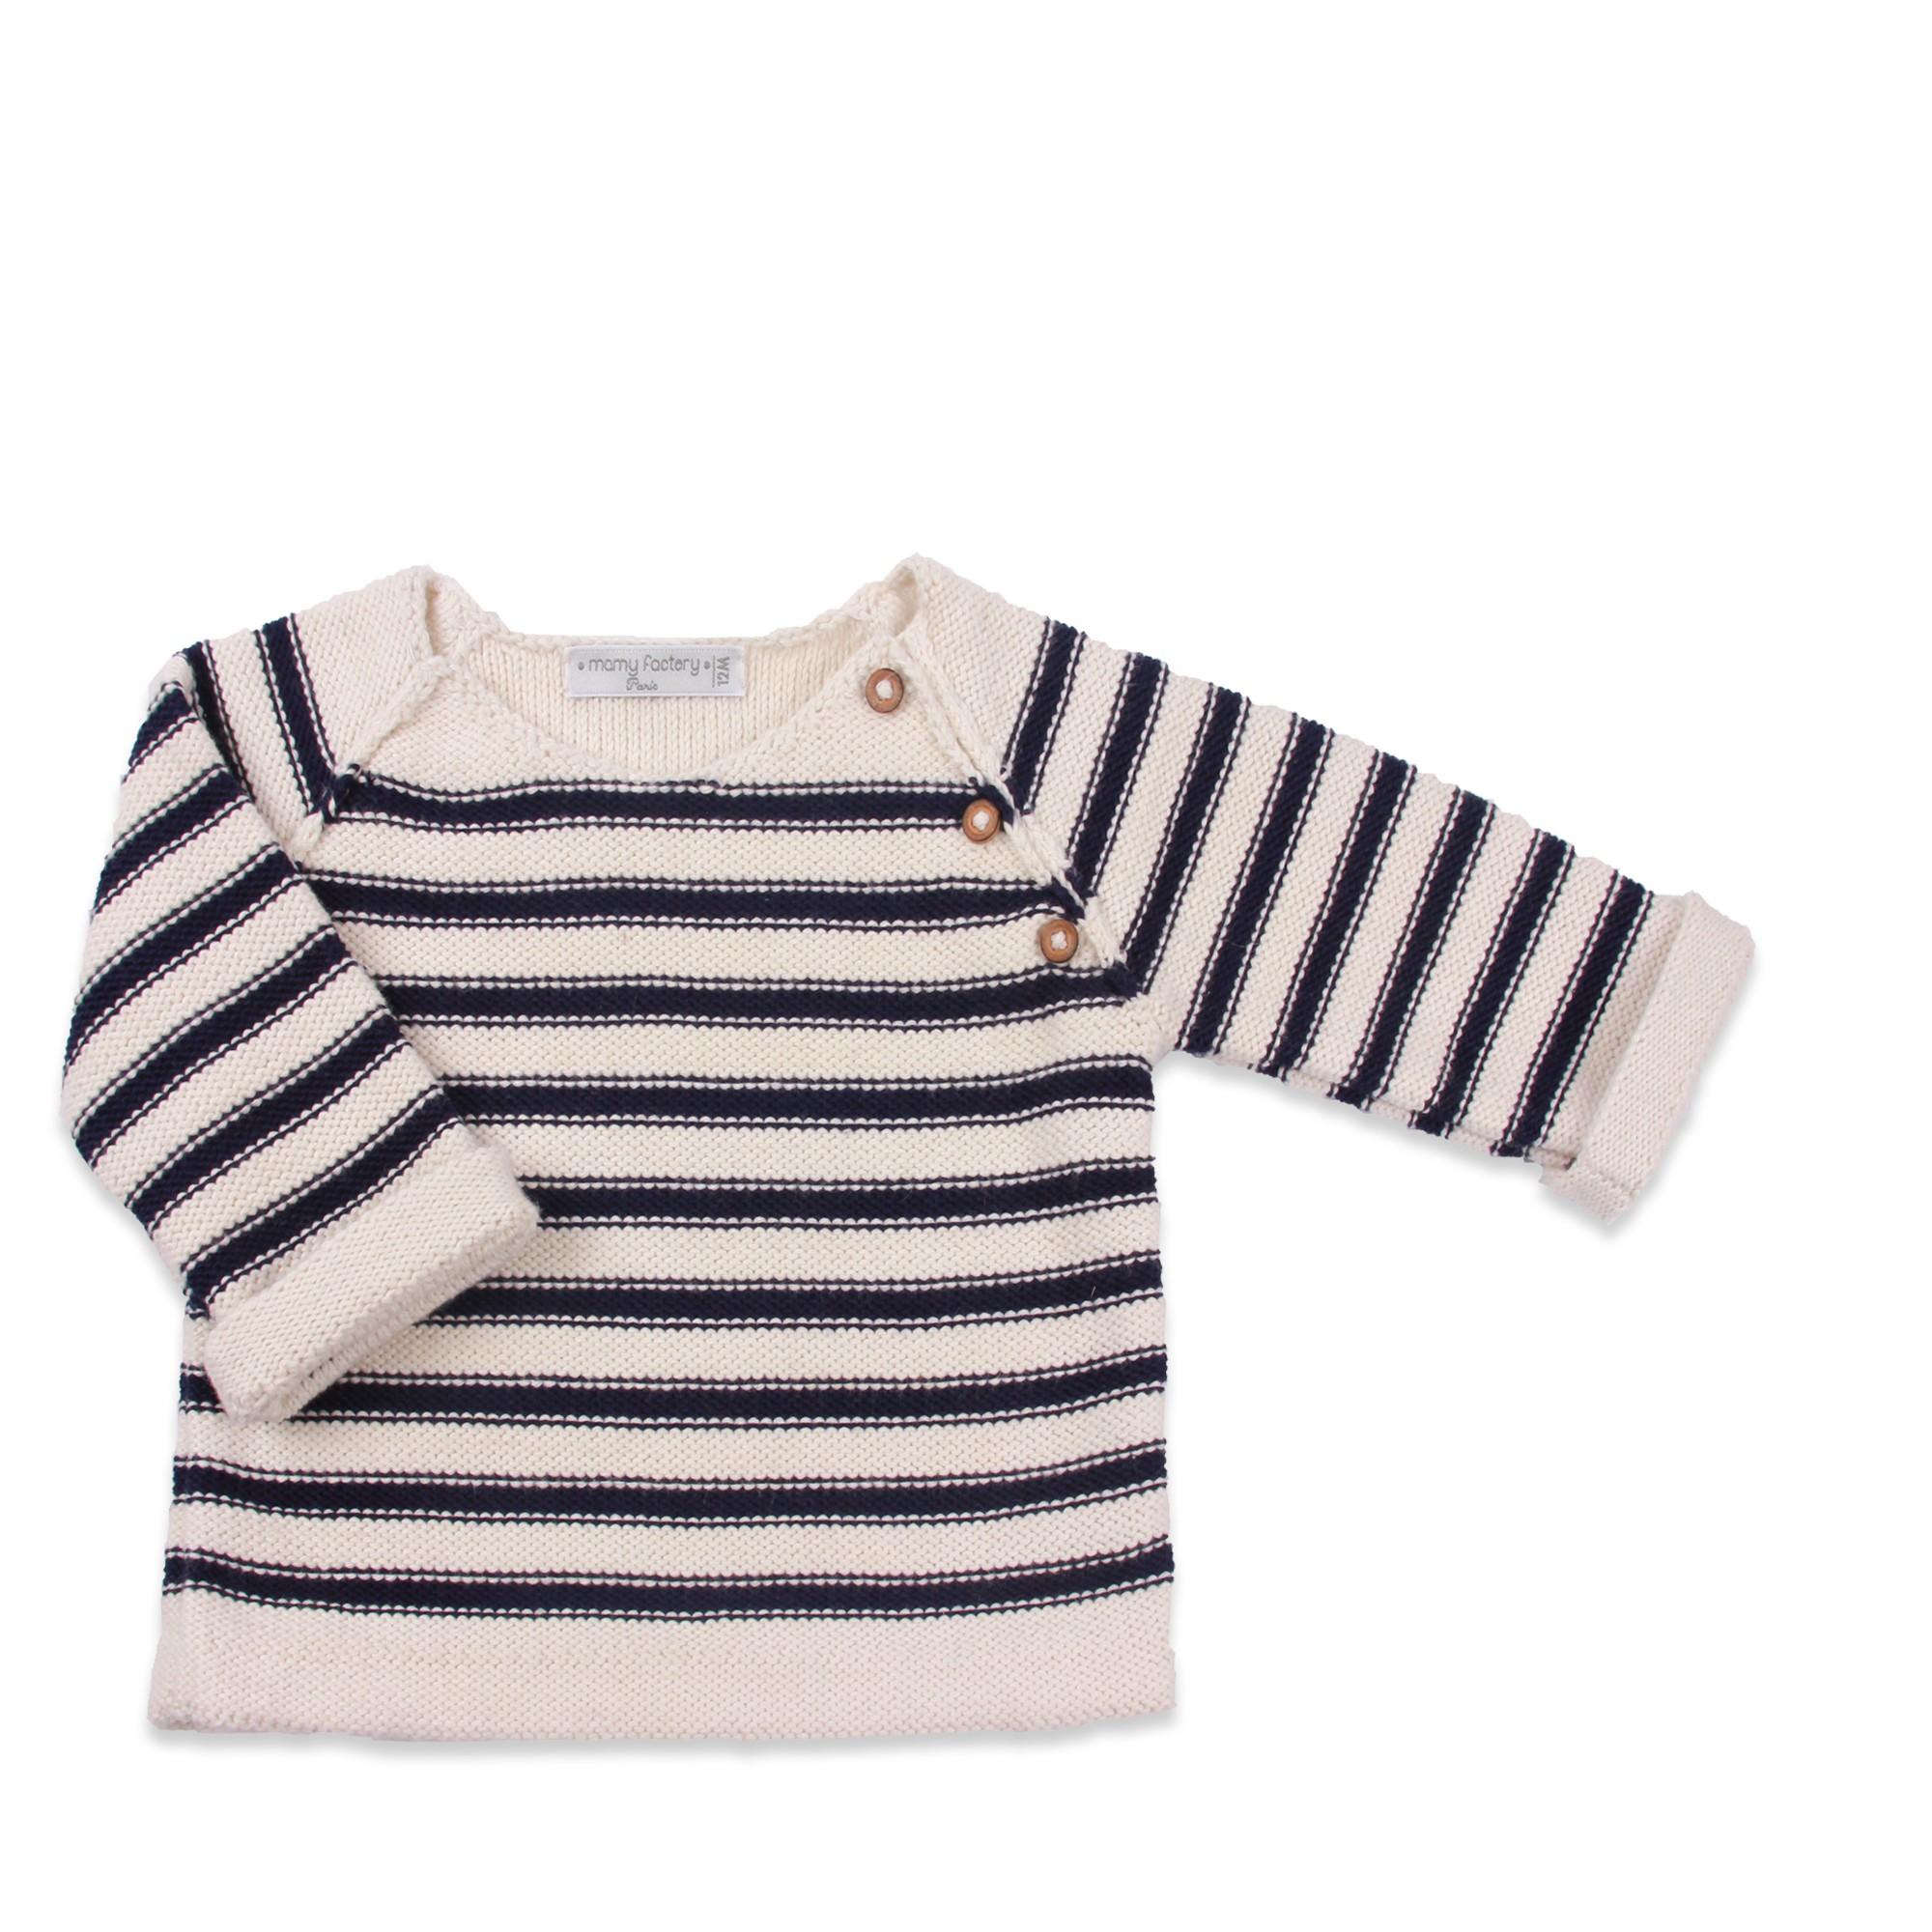 Pour les débutantes : Un modèle de pull pour fille ou garçon  La Malle aux